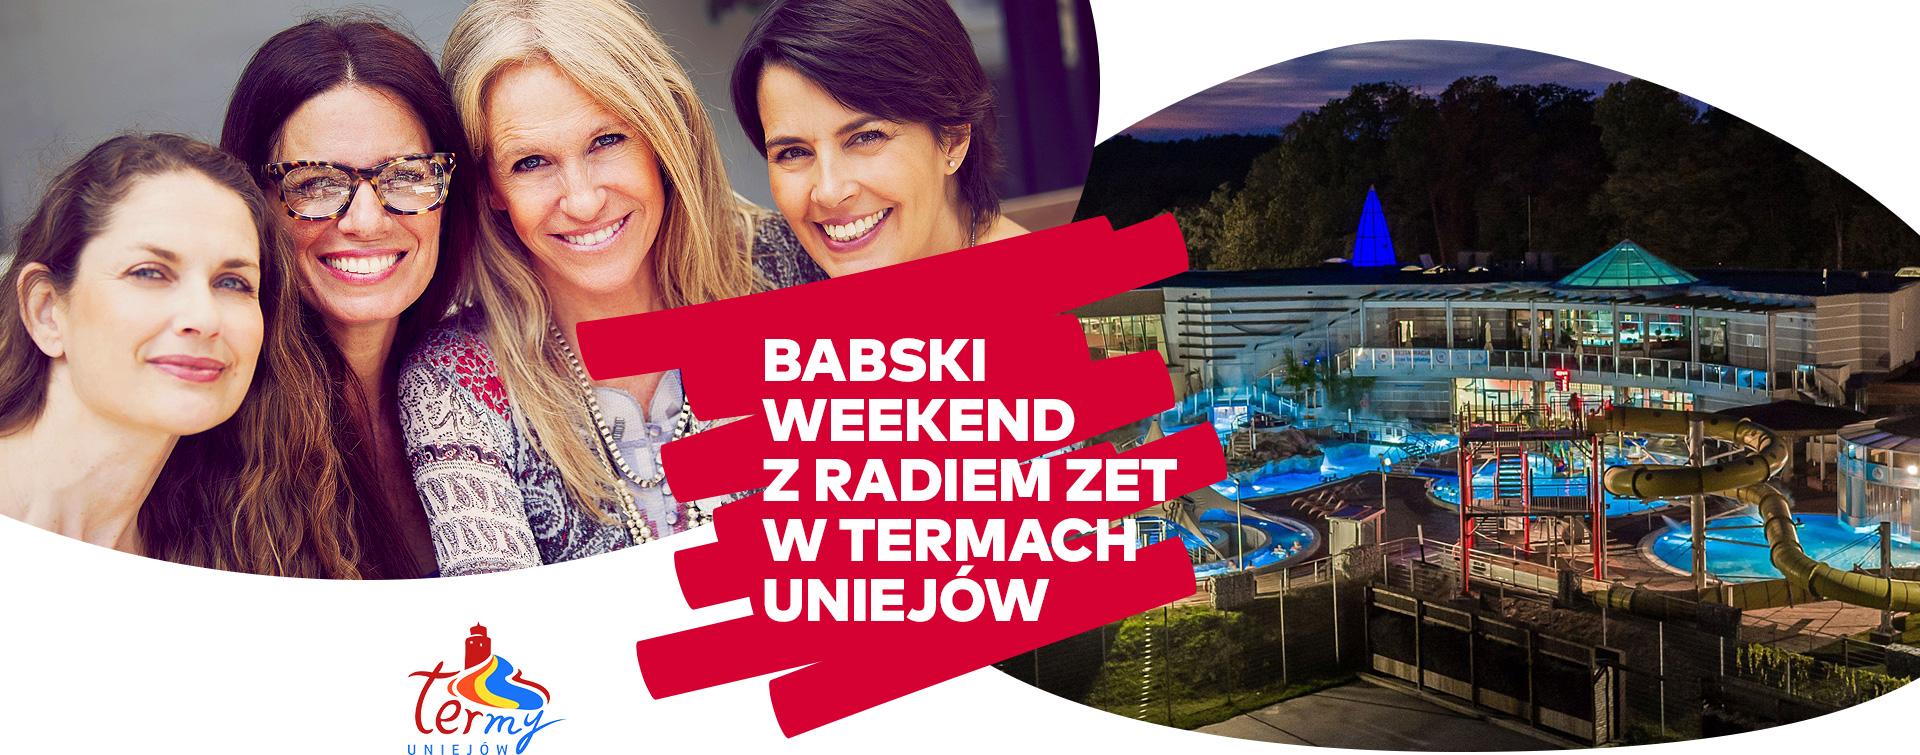 Babski Weekend z Radiem ZET w Termach Uniejów